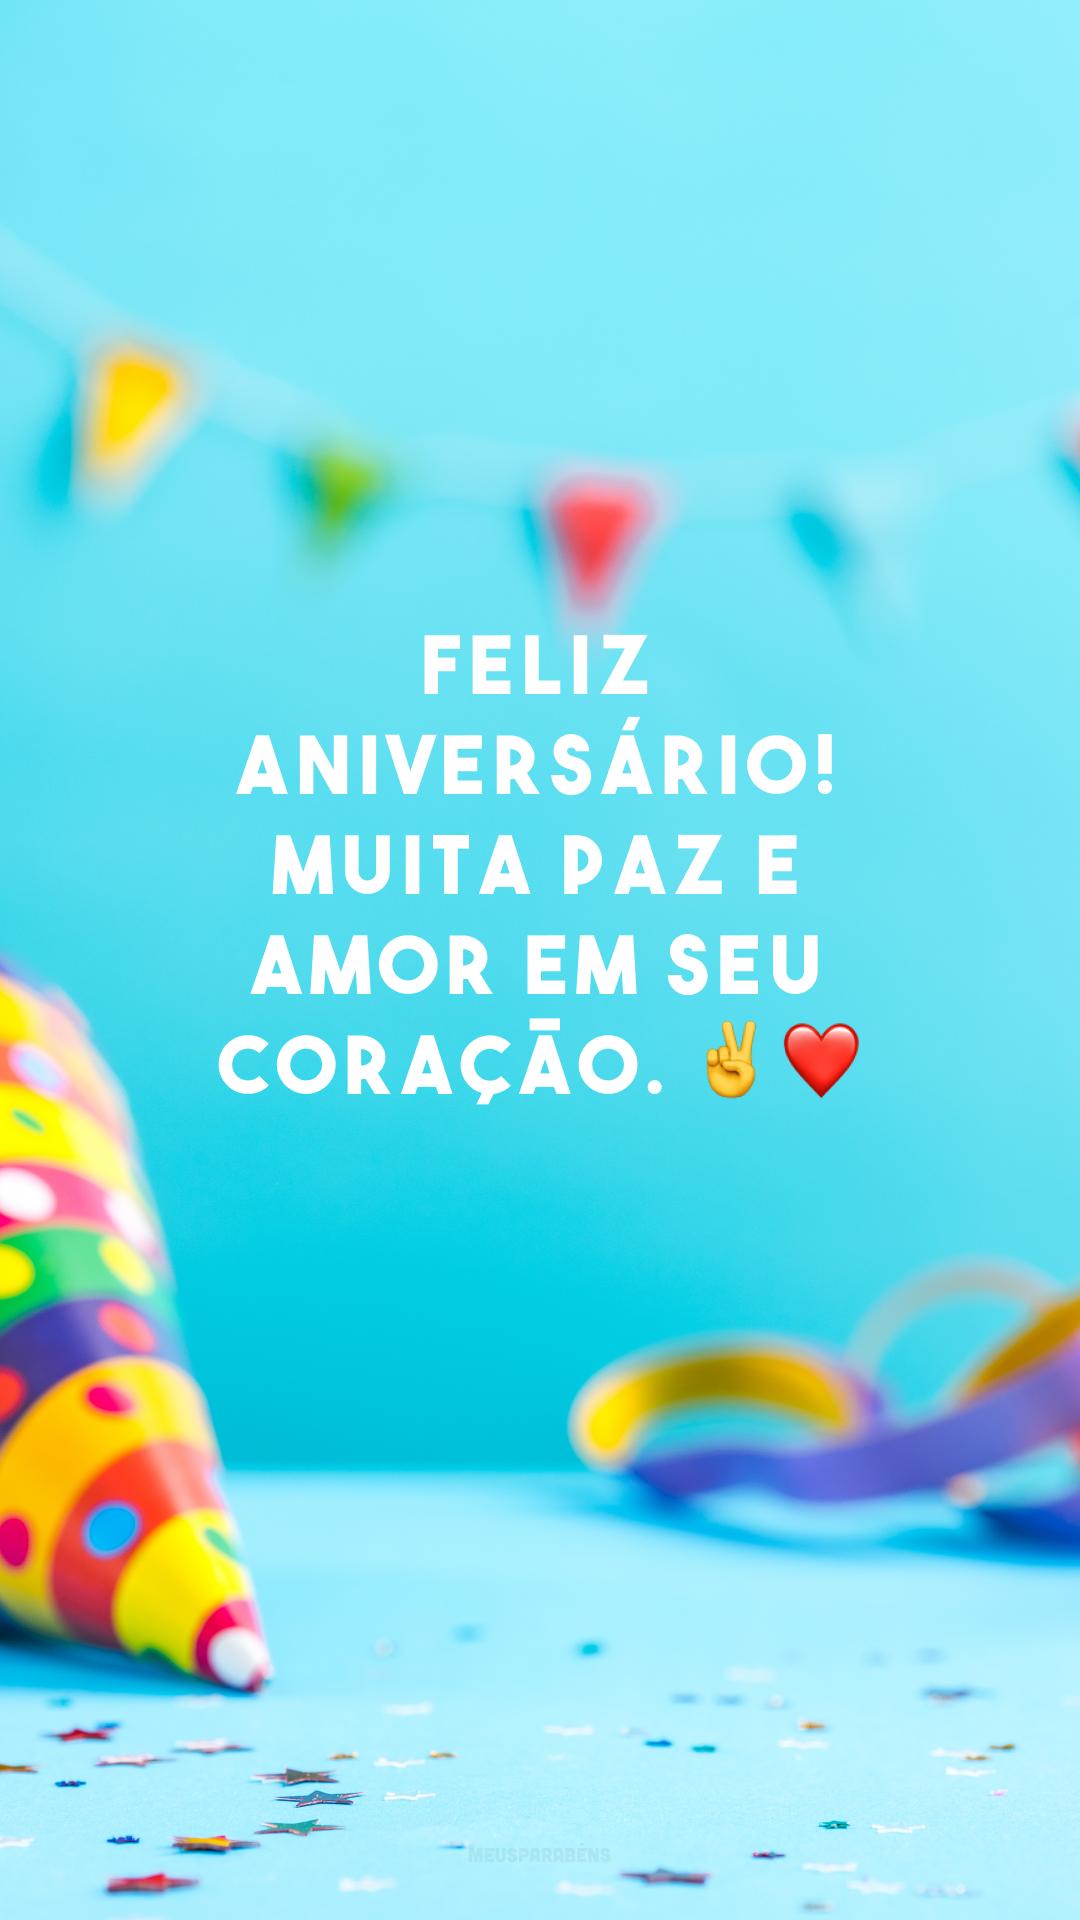 Feliz aniversário! Muita paz e amor em seu coração. ✌❤